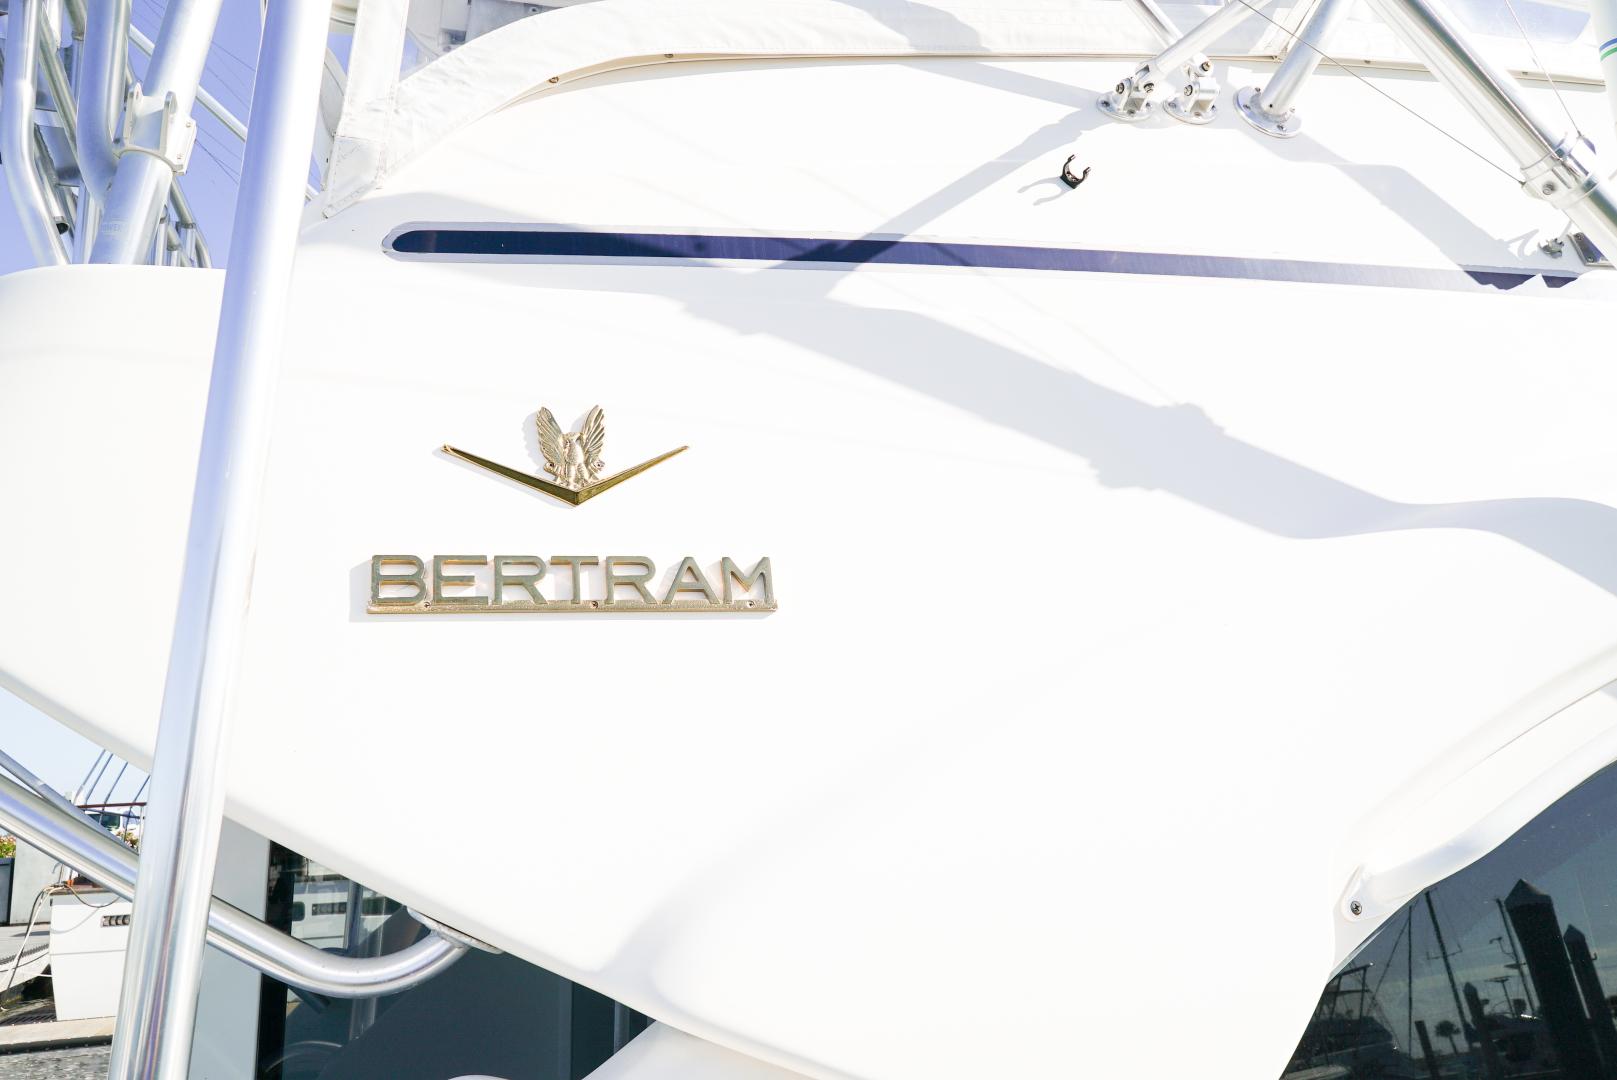 Bertram-39 Convertible 2002-Witts End Hitchcock-Texas-United States-Bertram 39 Convertible 2002 Witts End-1561689 | Thumbnail